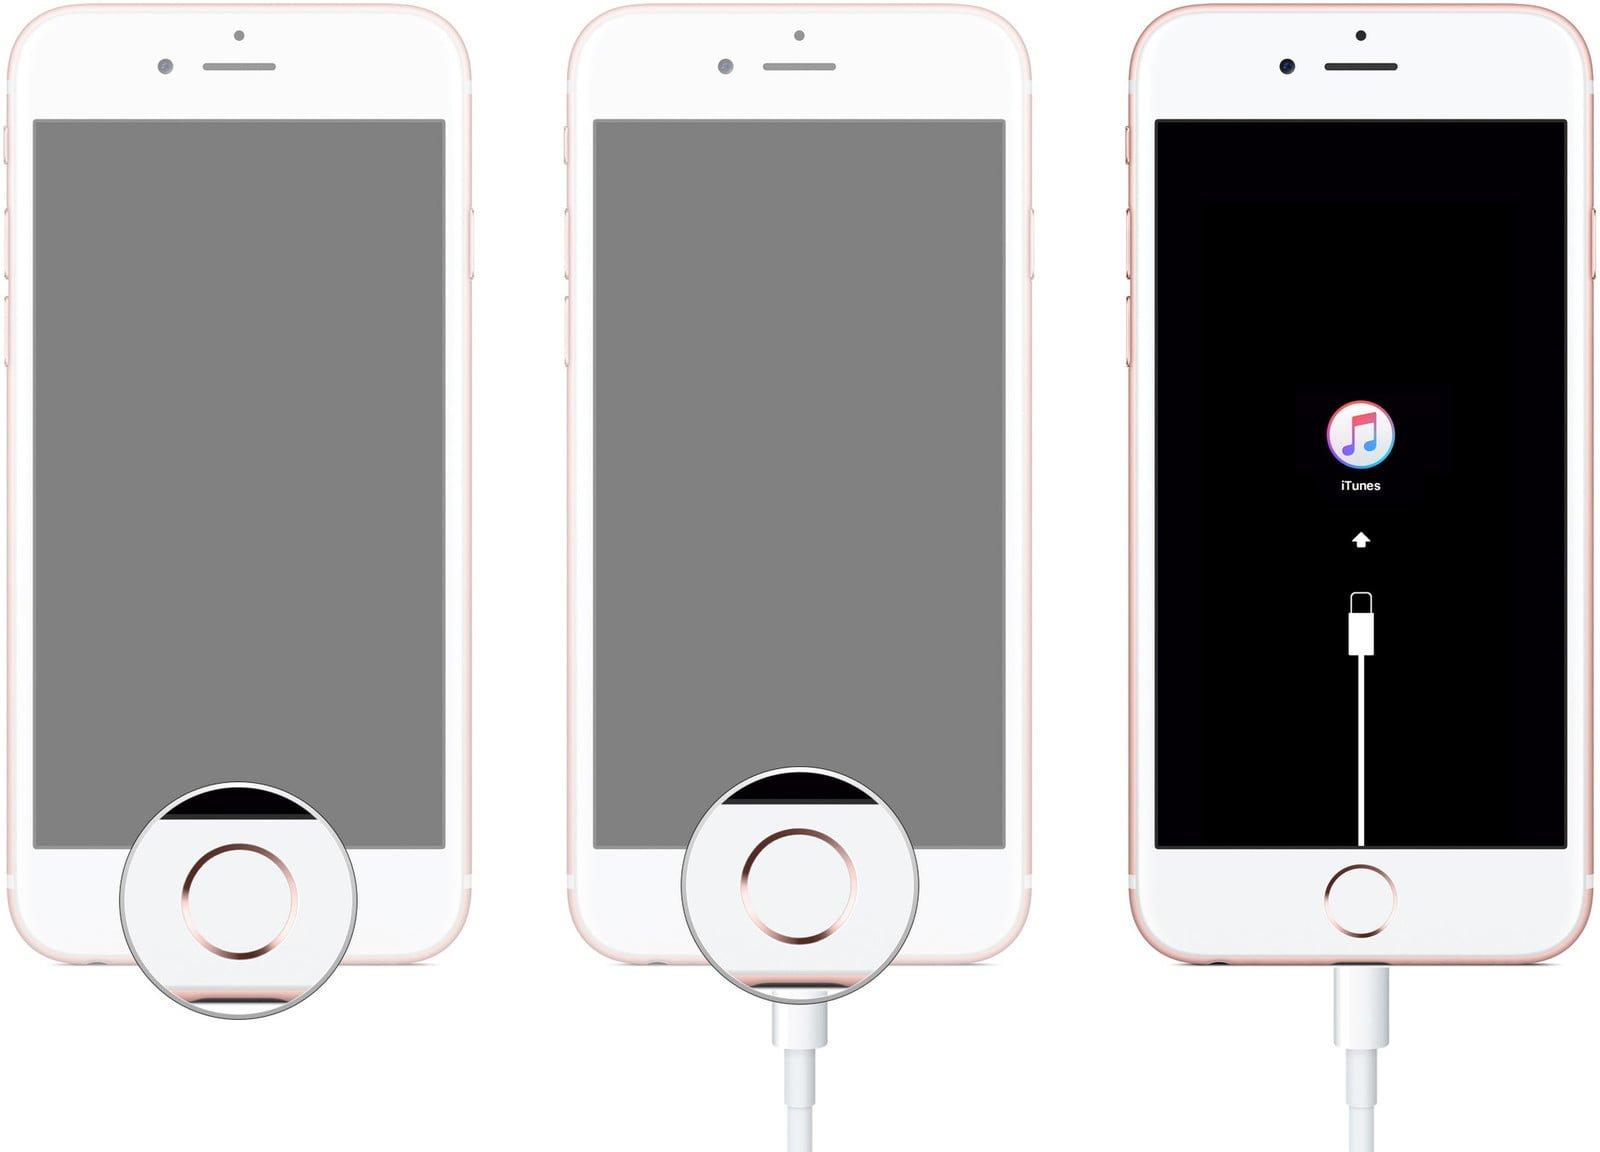 iPhone 6s, iPhone 6s Öncesi veya iPad Kurtarma Moduna Nasıl Alınır?